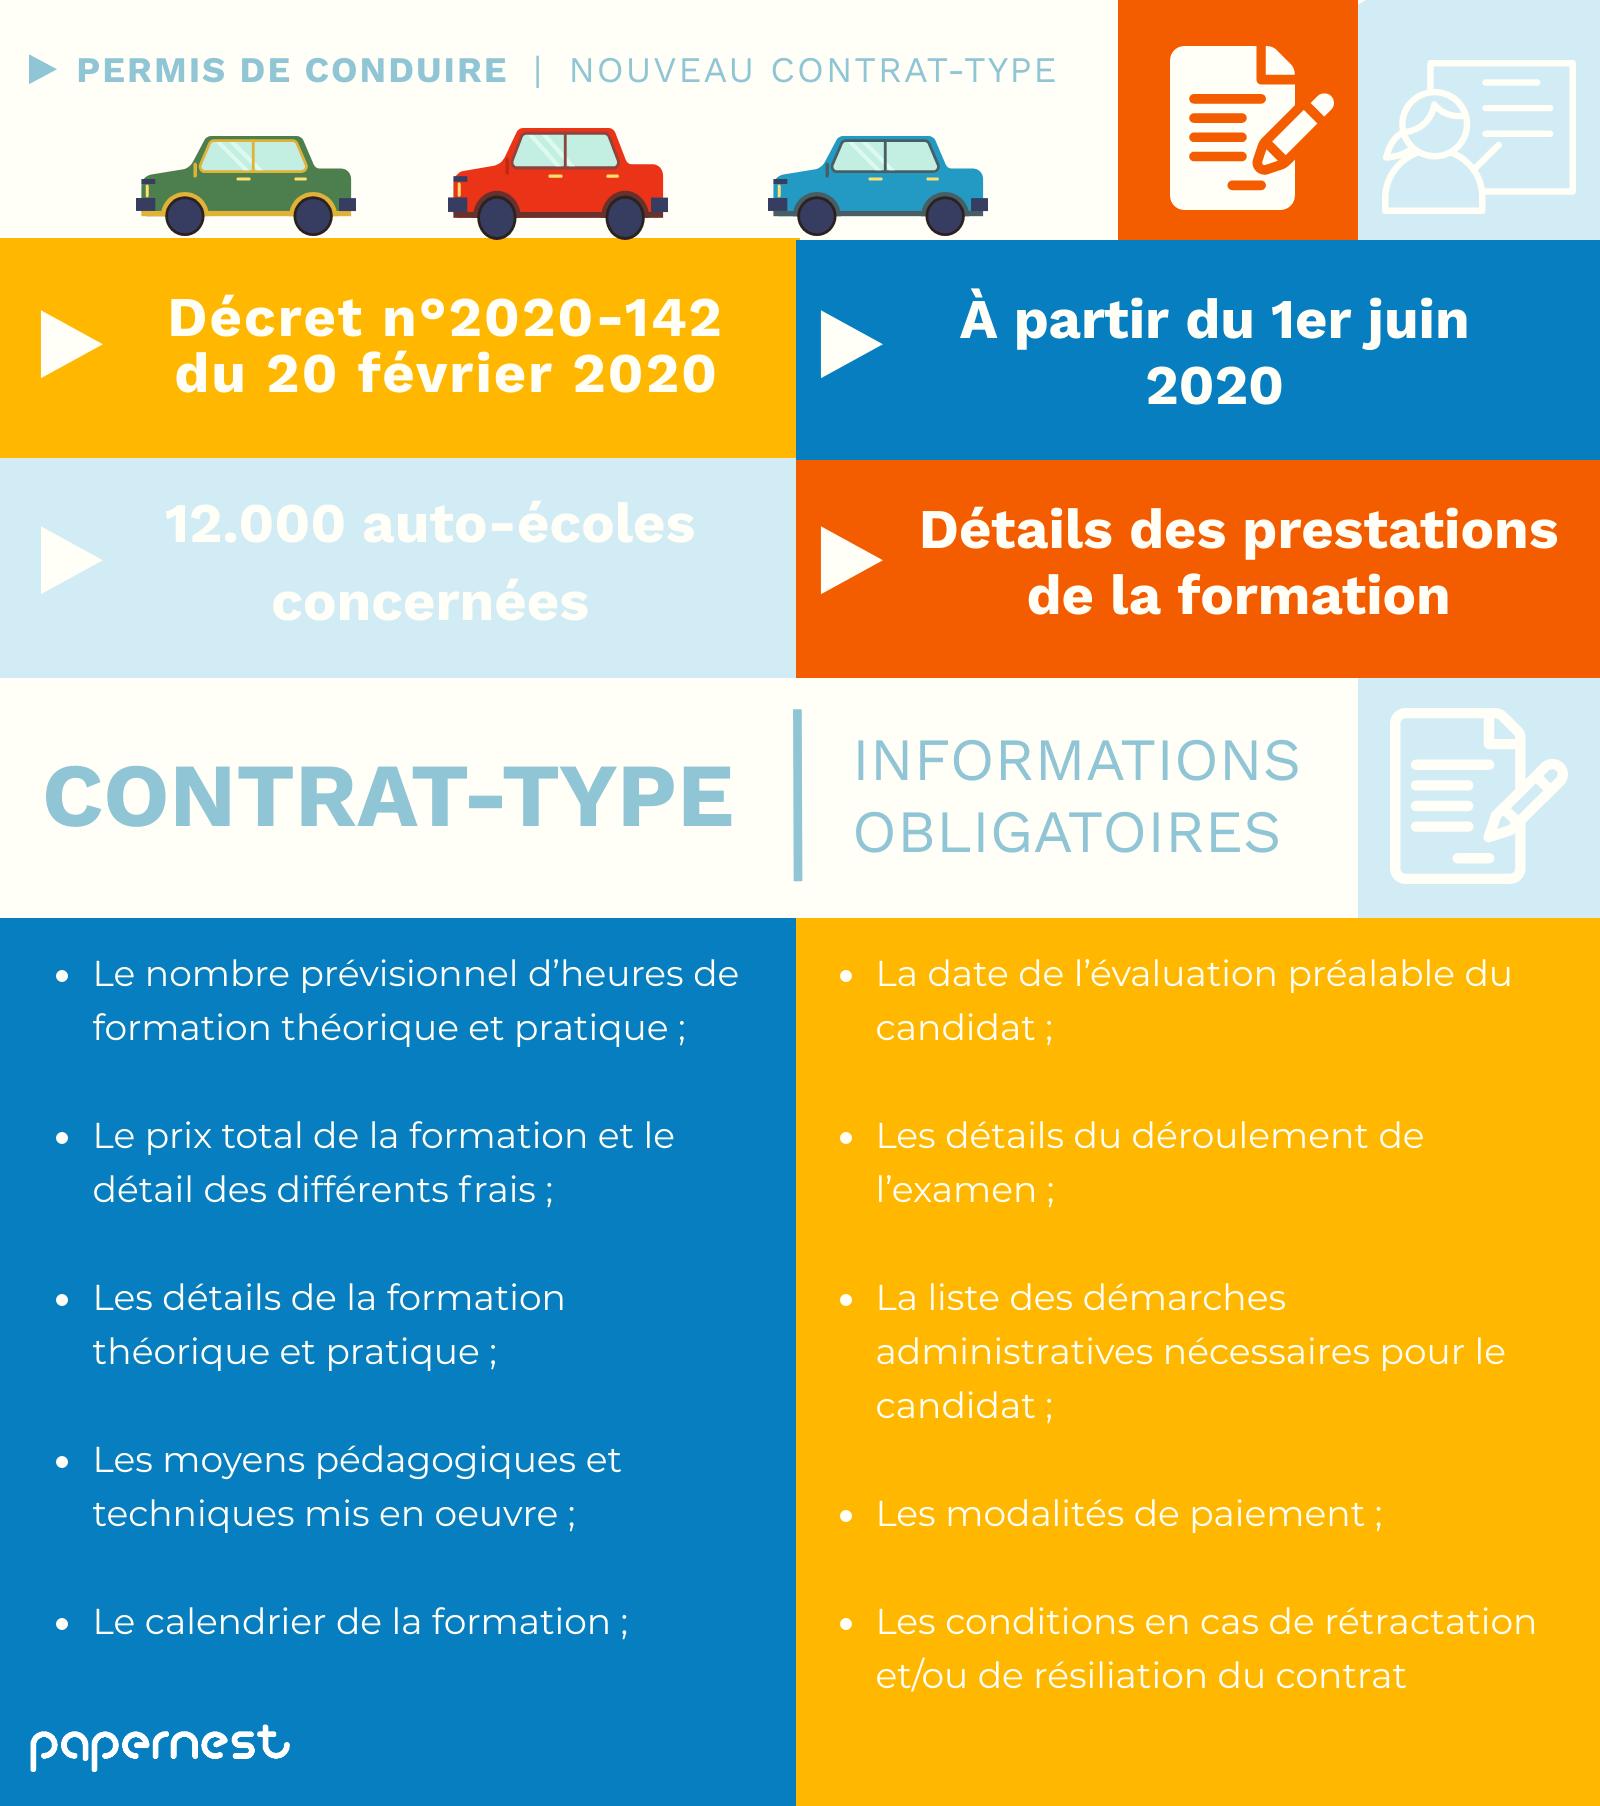 Contrat permis de conduire infographie